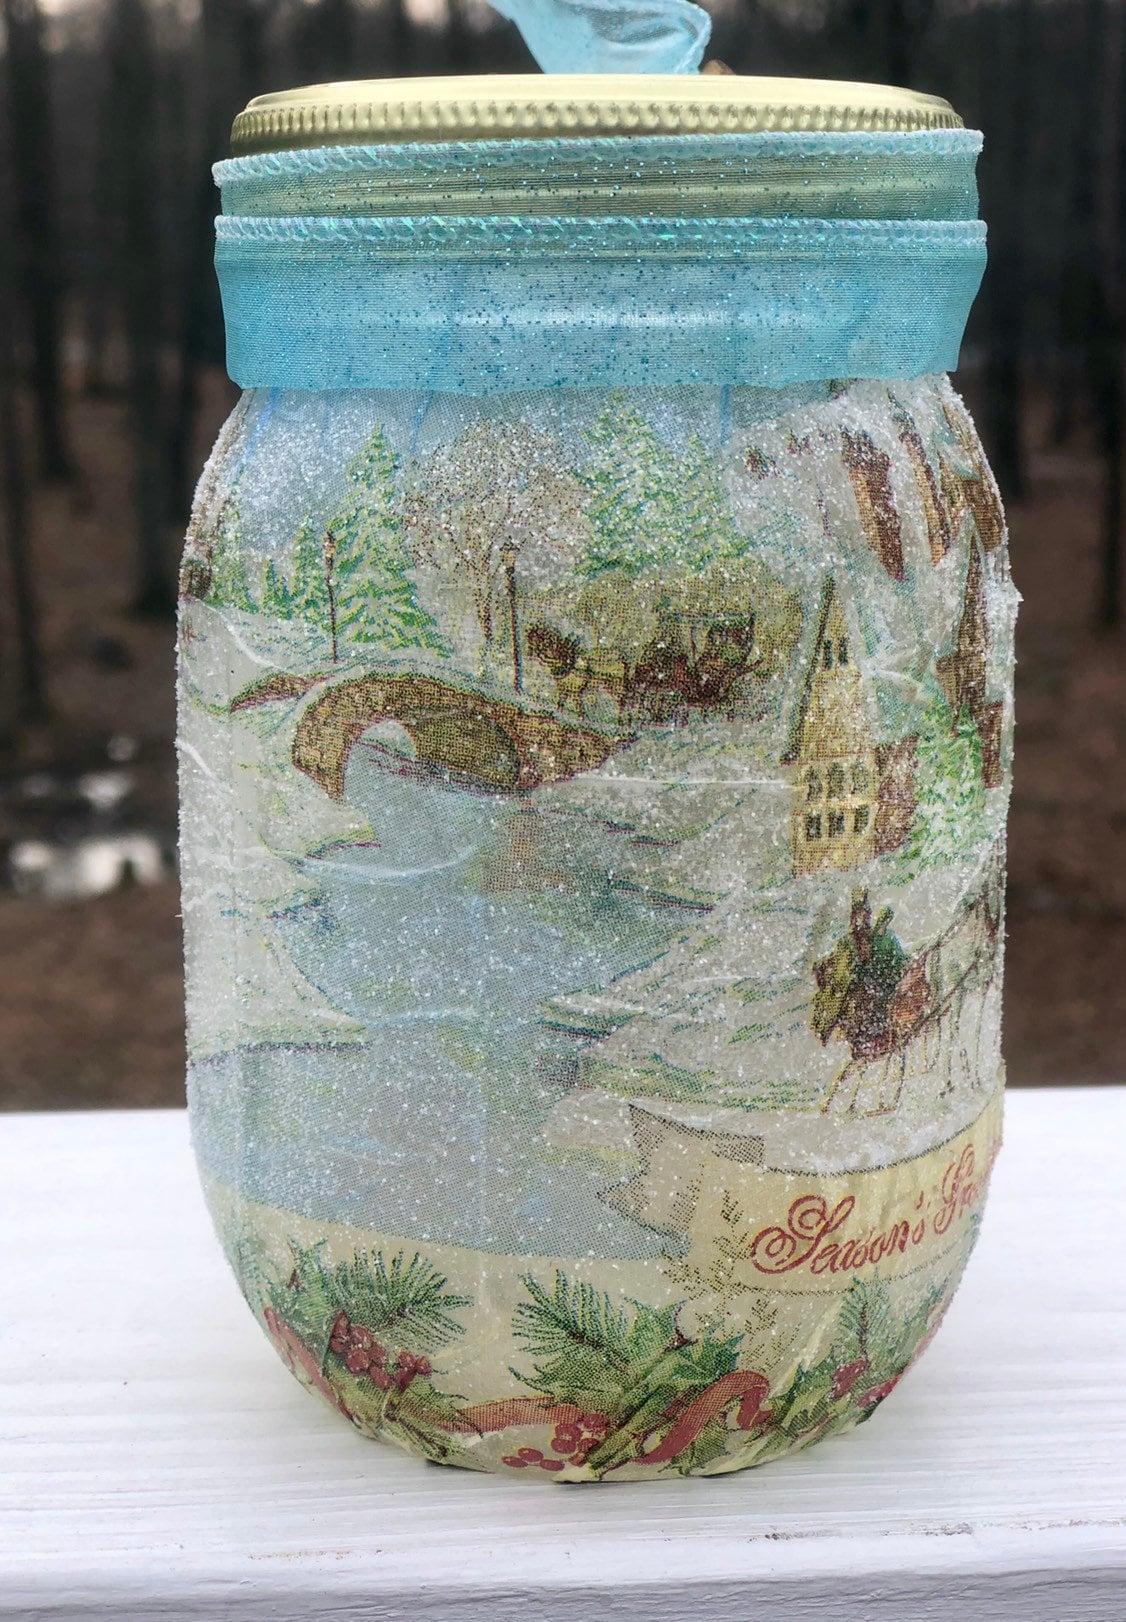 Seasons greetings lighted jar, lighted jars, lighted bottles, jar